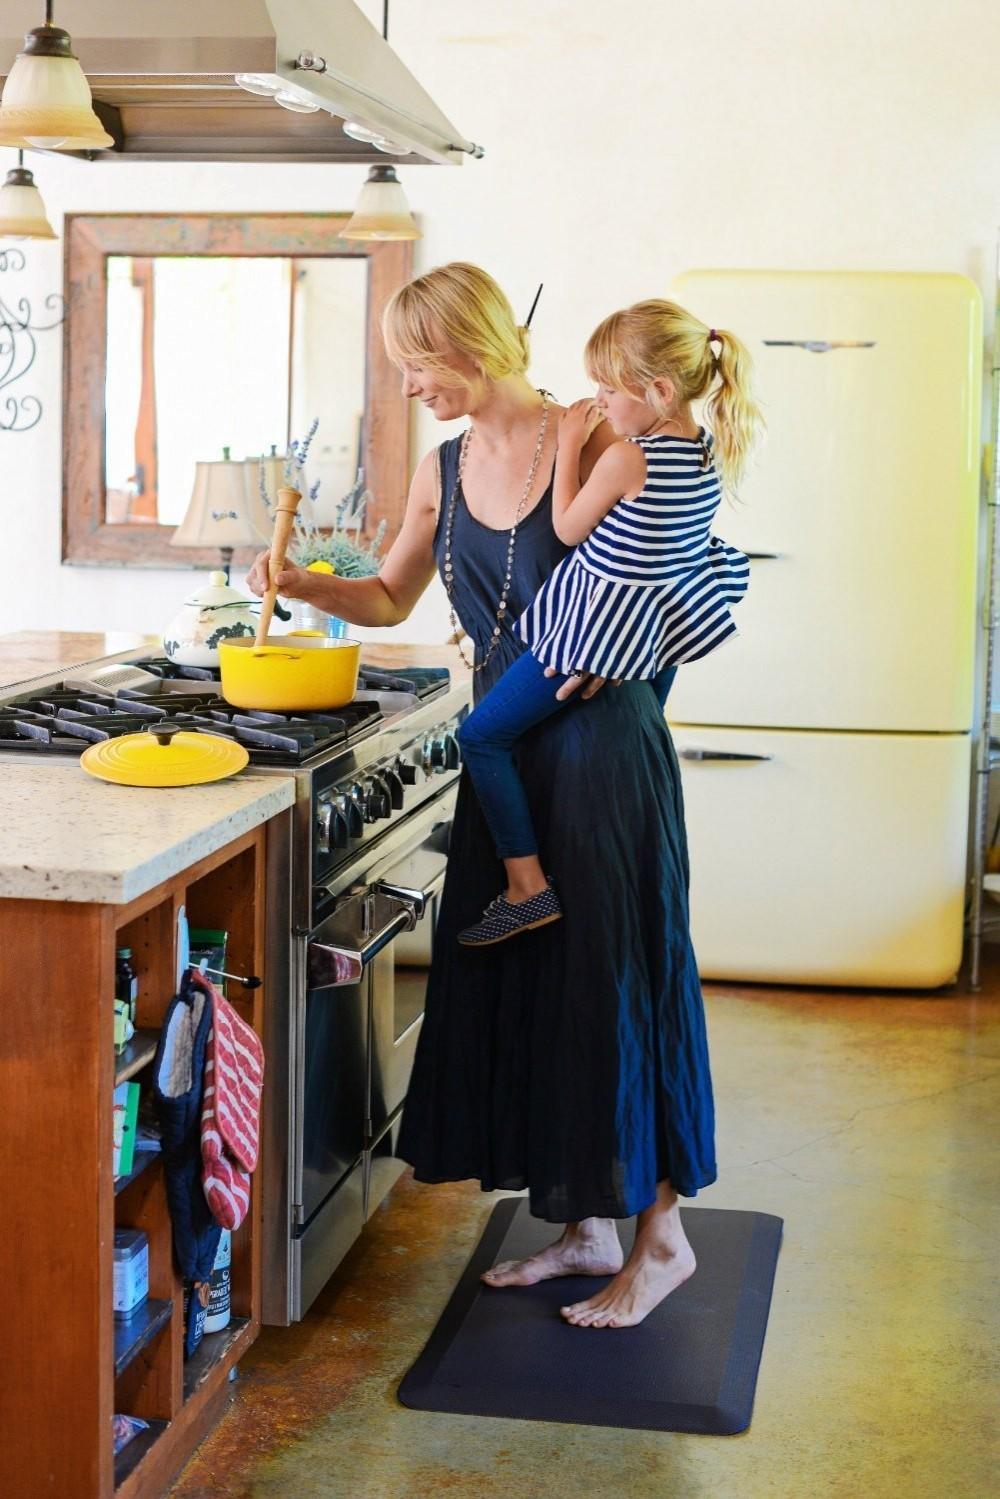 Ungewöhnlich Schaum Küche Matten Bilder - Küchenschrank Ideen ...